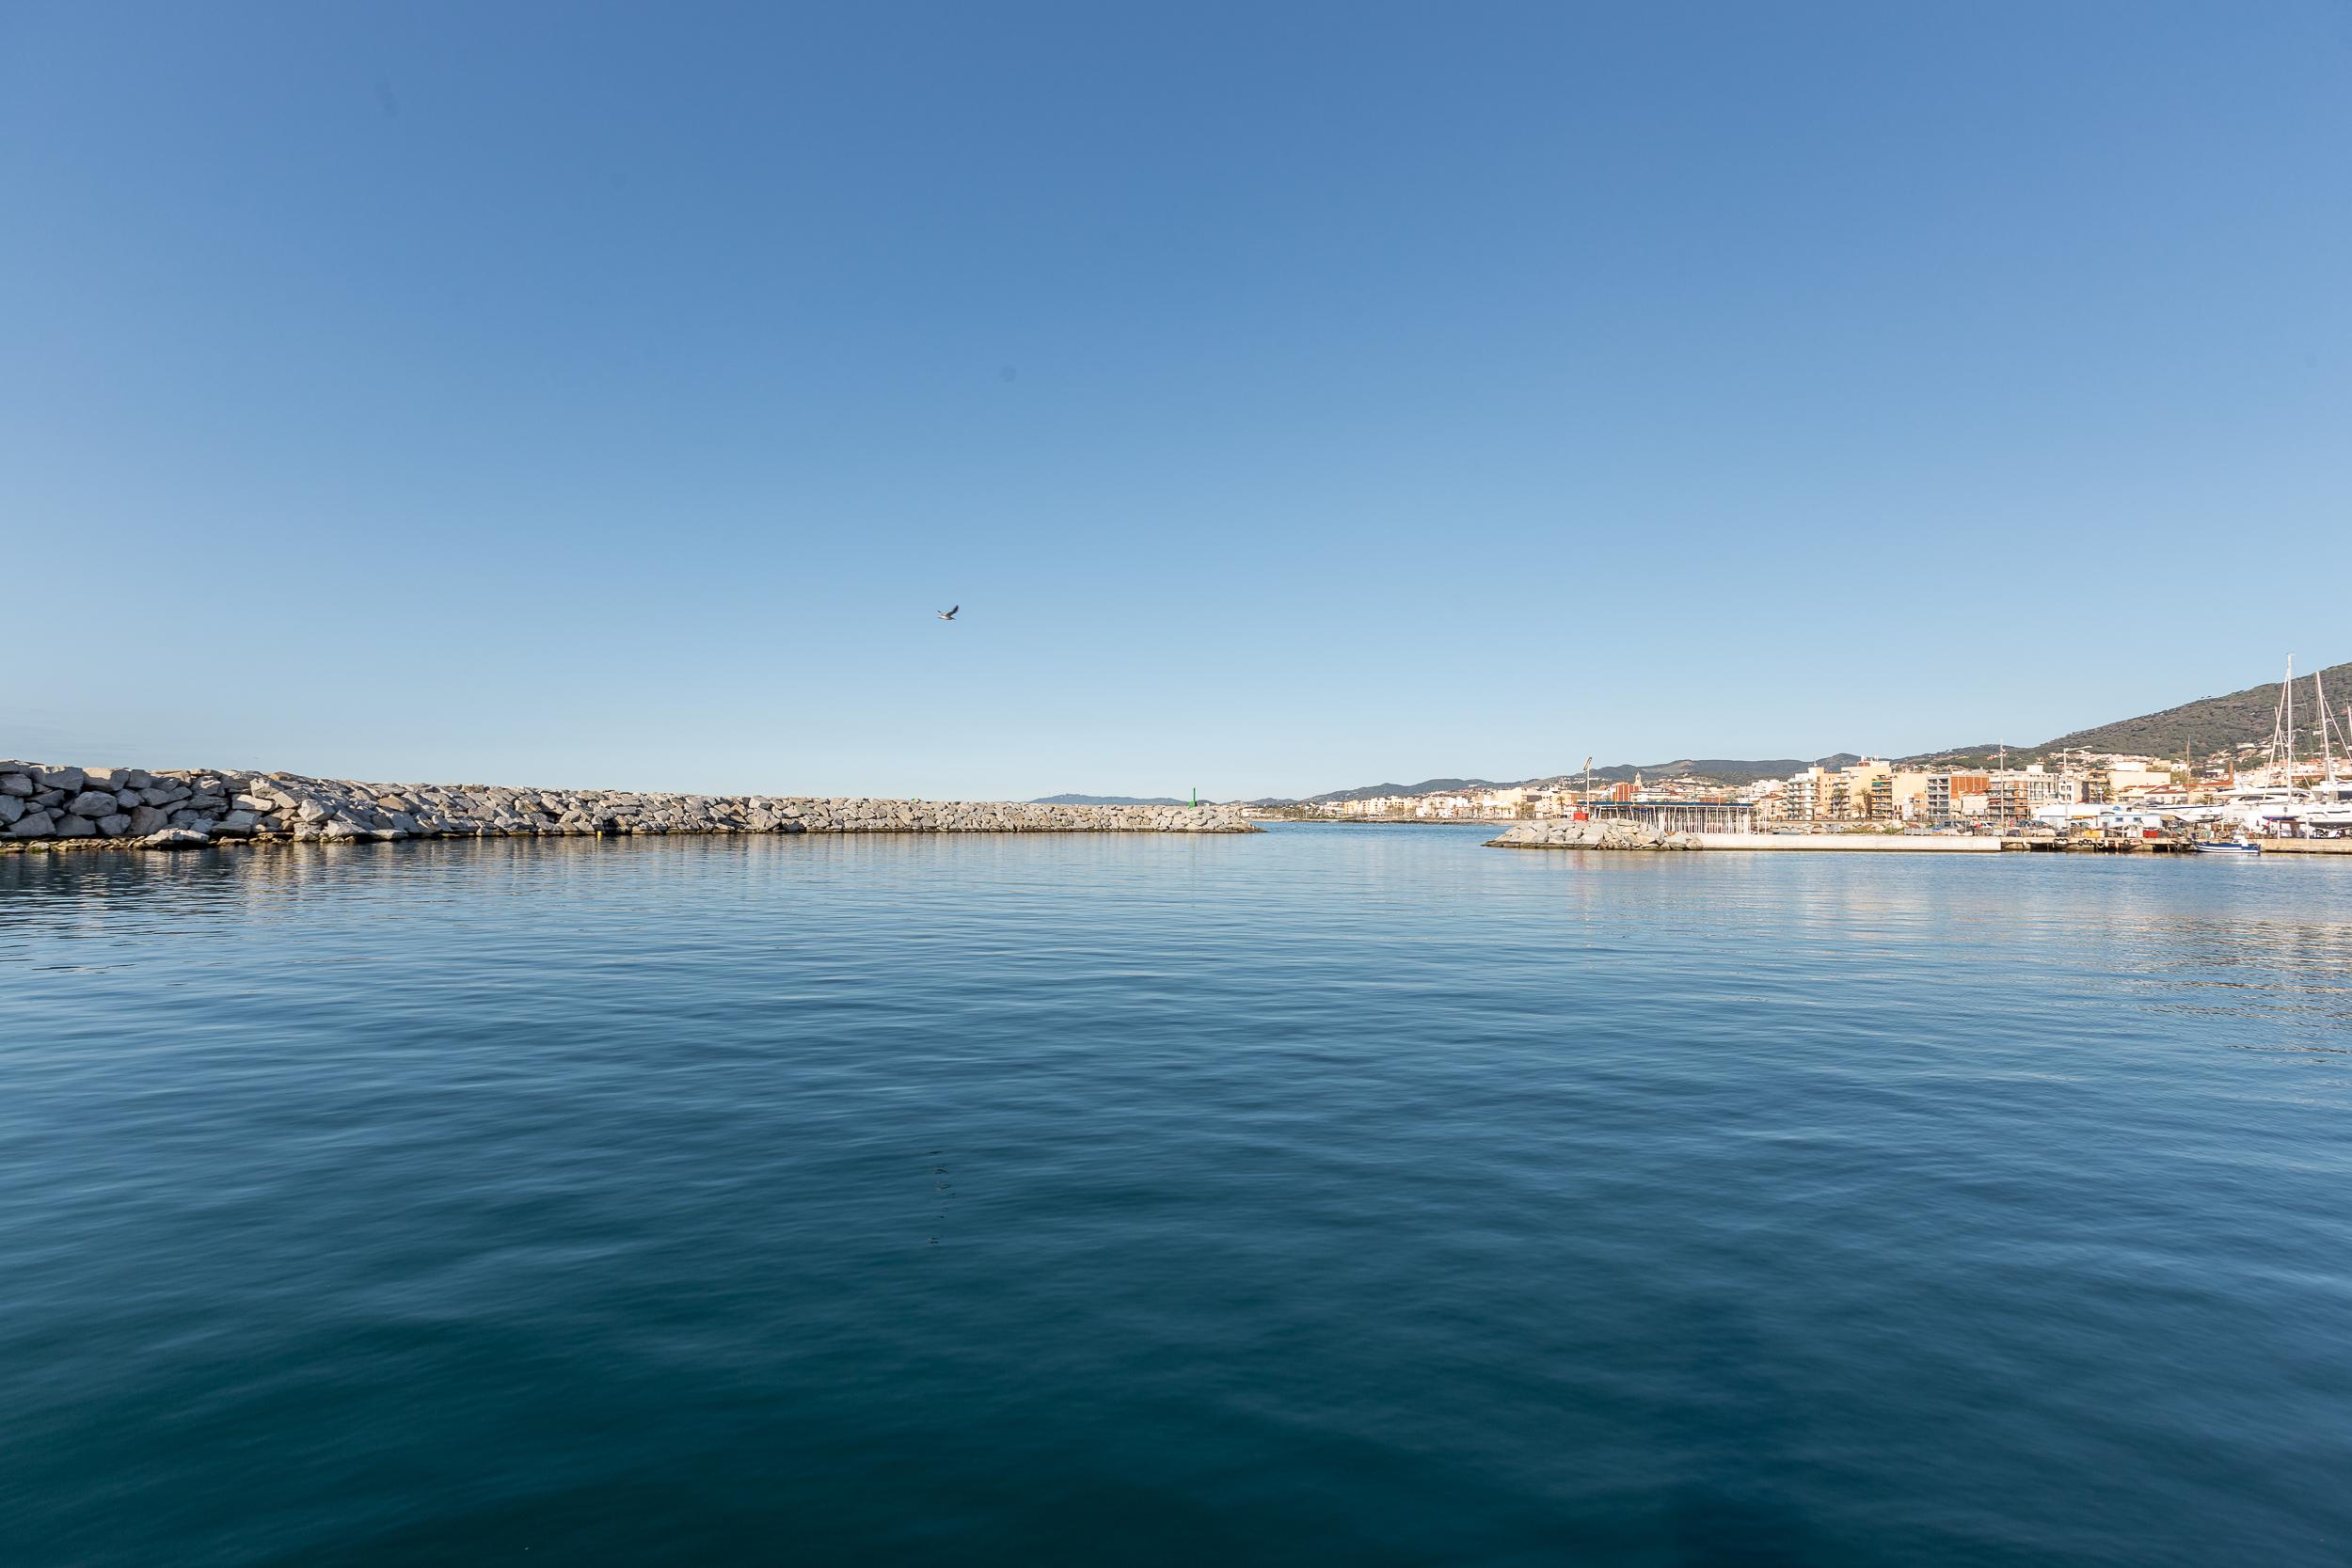 vientos, navegación, vientos del Mediterráneo, escala Beaufort, navegación, barco, vela, nudos, Mediterráneo, Tramontana, Levante, Poniente, Mistral, Gregal, Lebeche, Garbí.